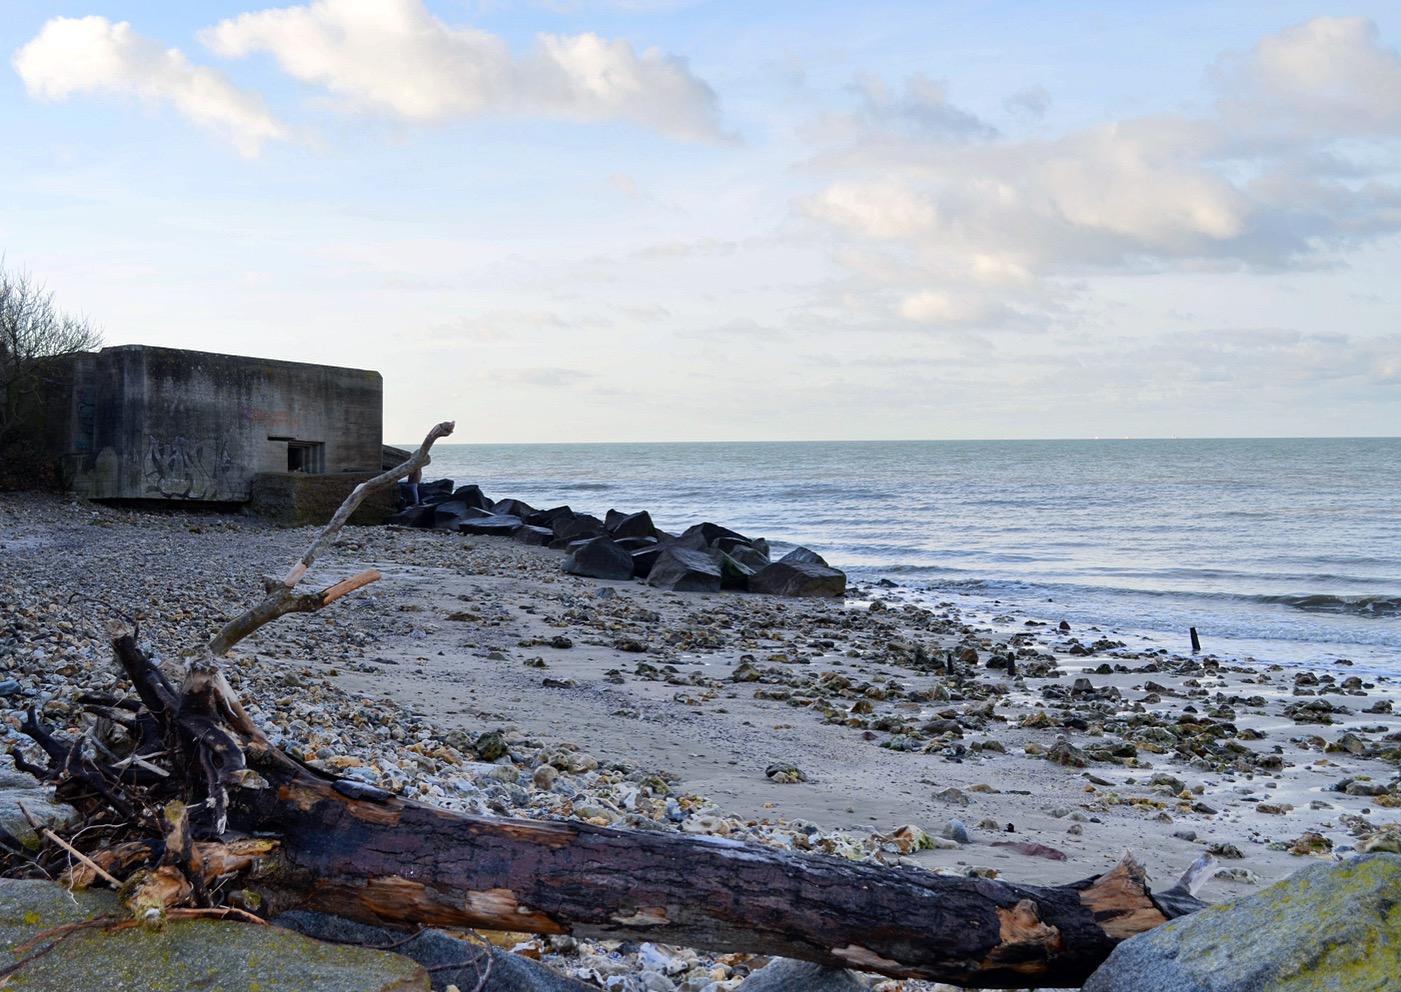 Bunkers cricqueboeuf